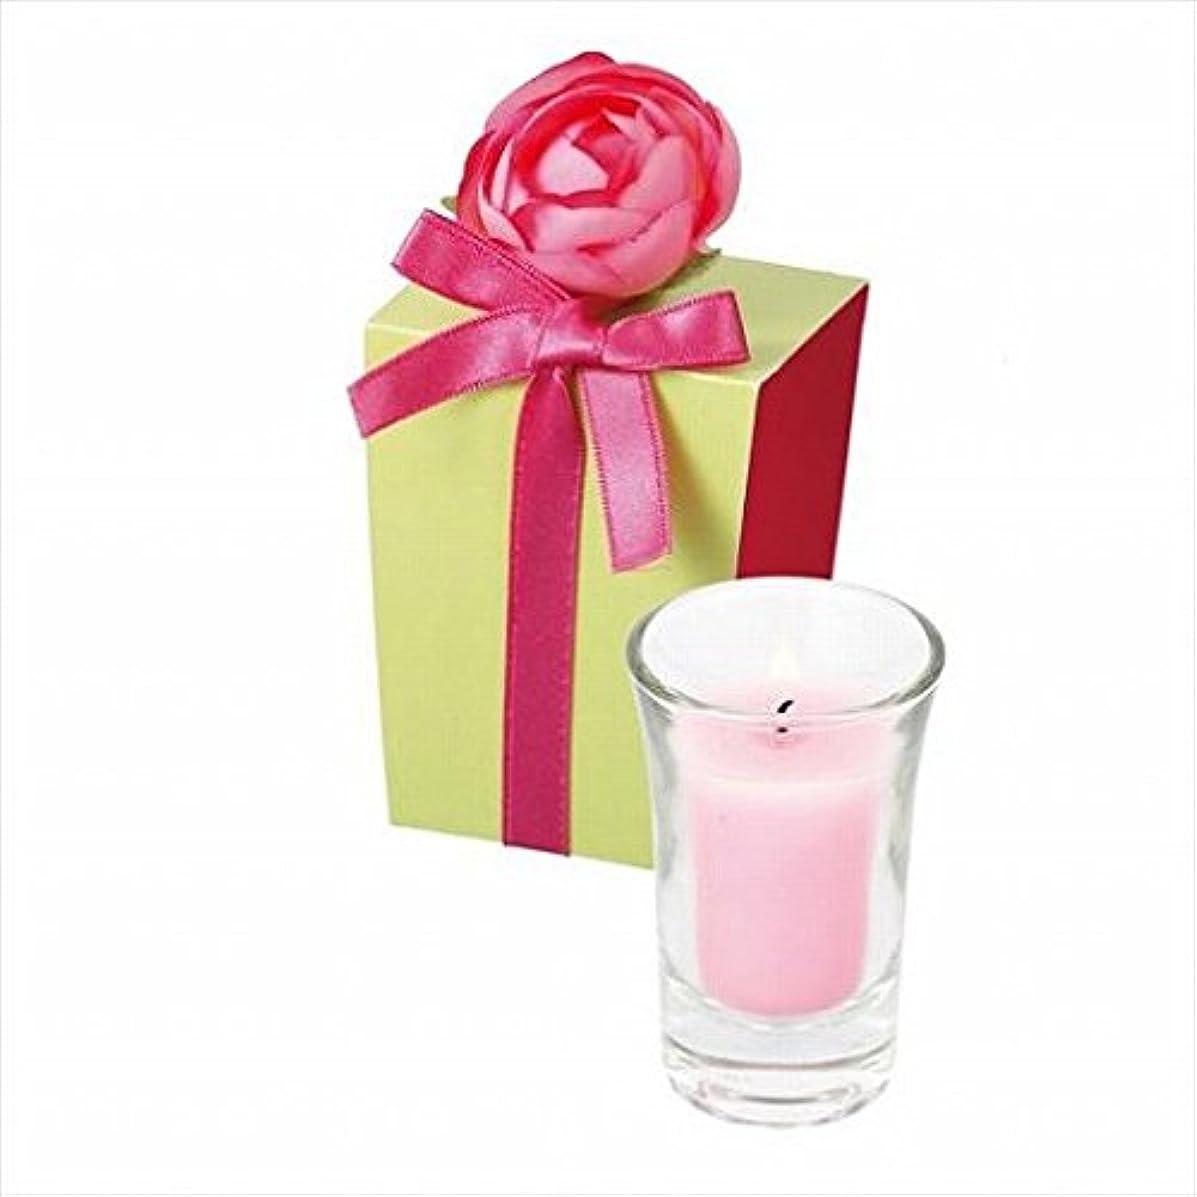 スクワイア分割割るkameyama candle(カメヤマキャンドル) ラナンキュラスグラスキャンドル 「 ピンク 」(A9390500PK)